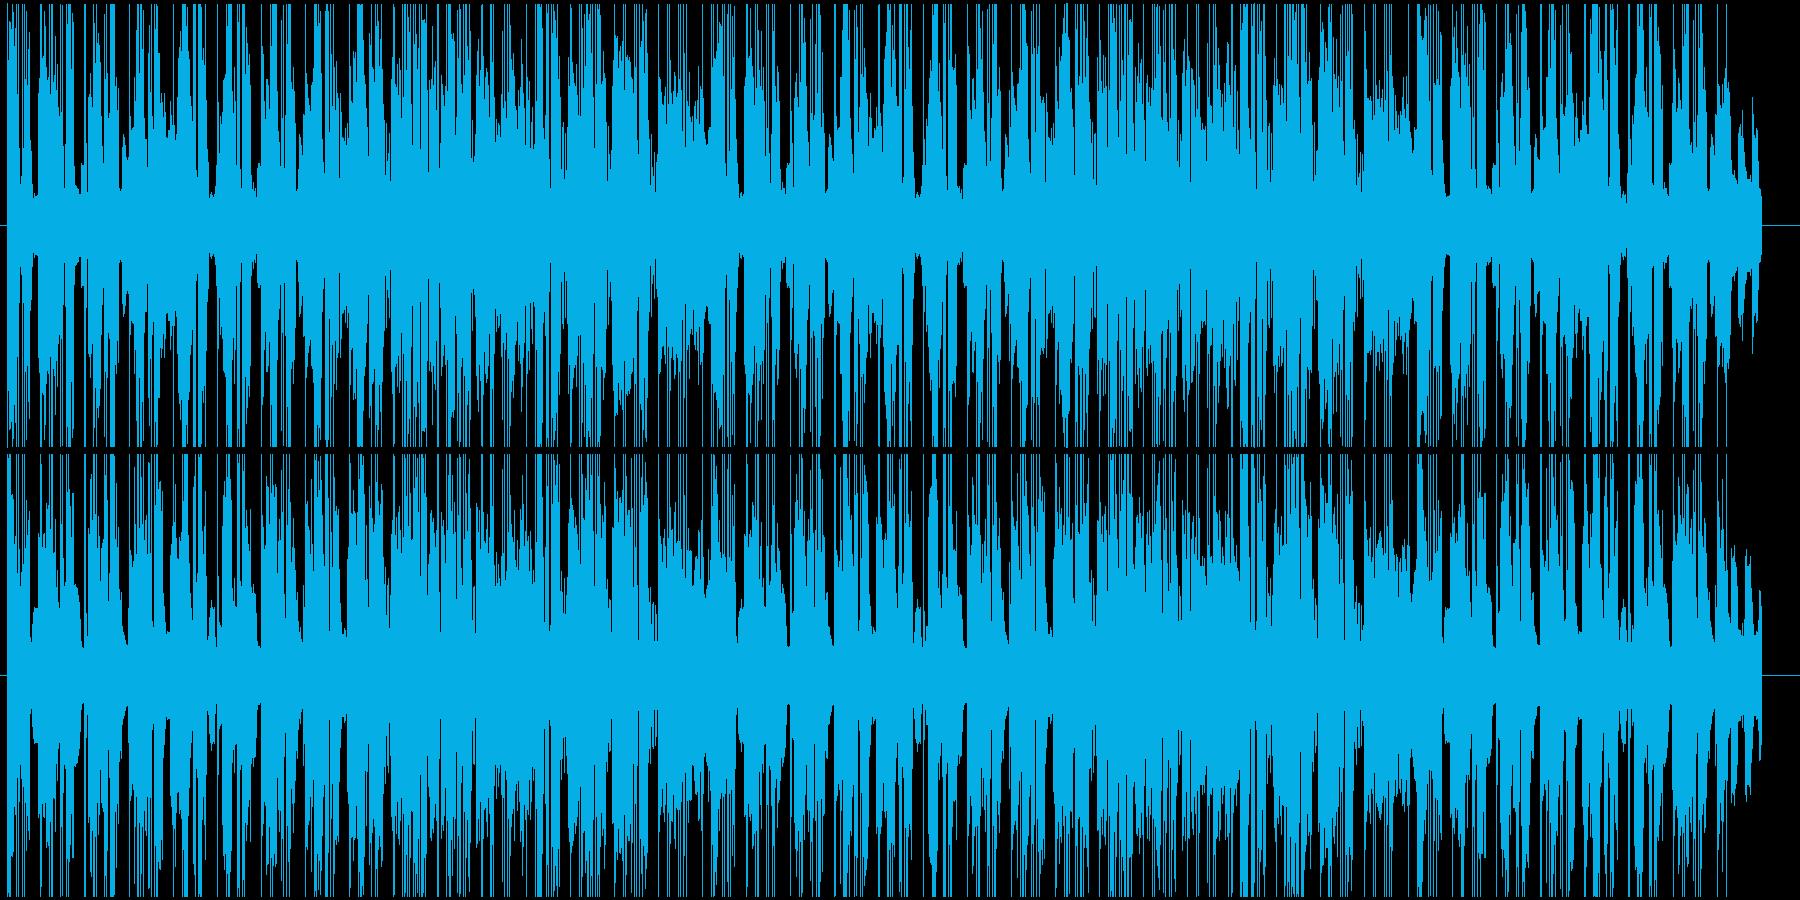 エレピが心地よいR&BジャズBGMの再生済みの波形